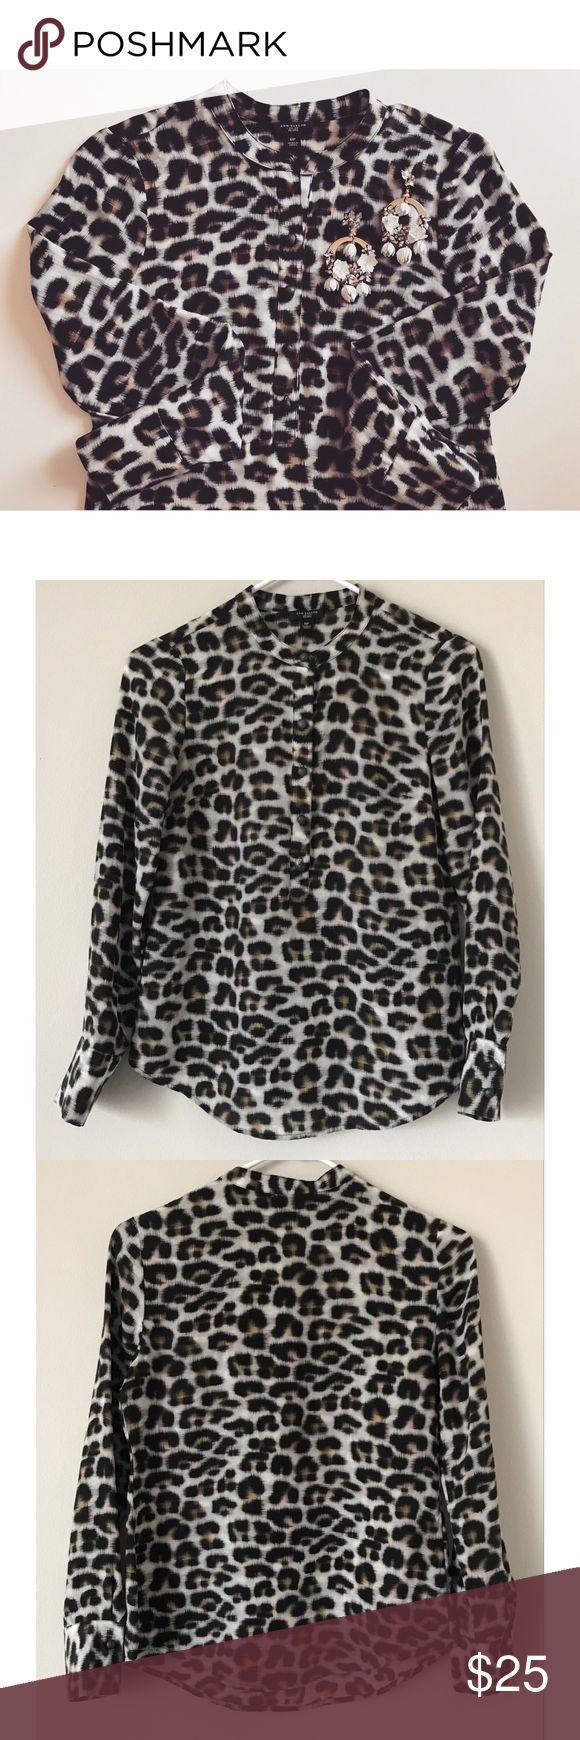 Ann Taylor Printed Shirt Cute cheetah print shirt with mandarin collar. 100% Silk. Worn three times. Ann Taylor Tops Blouses